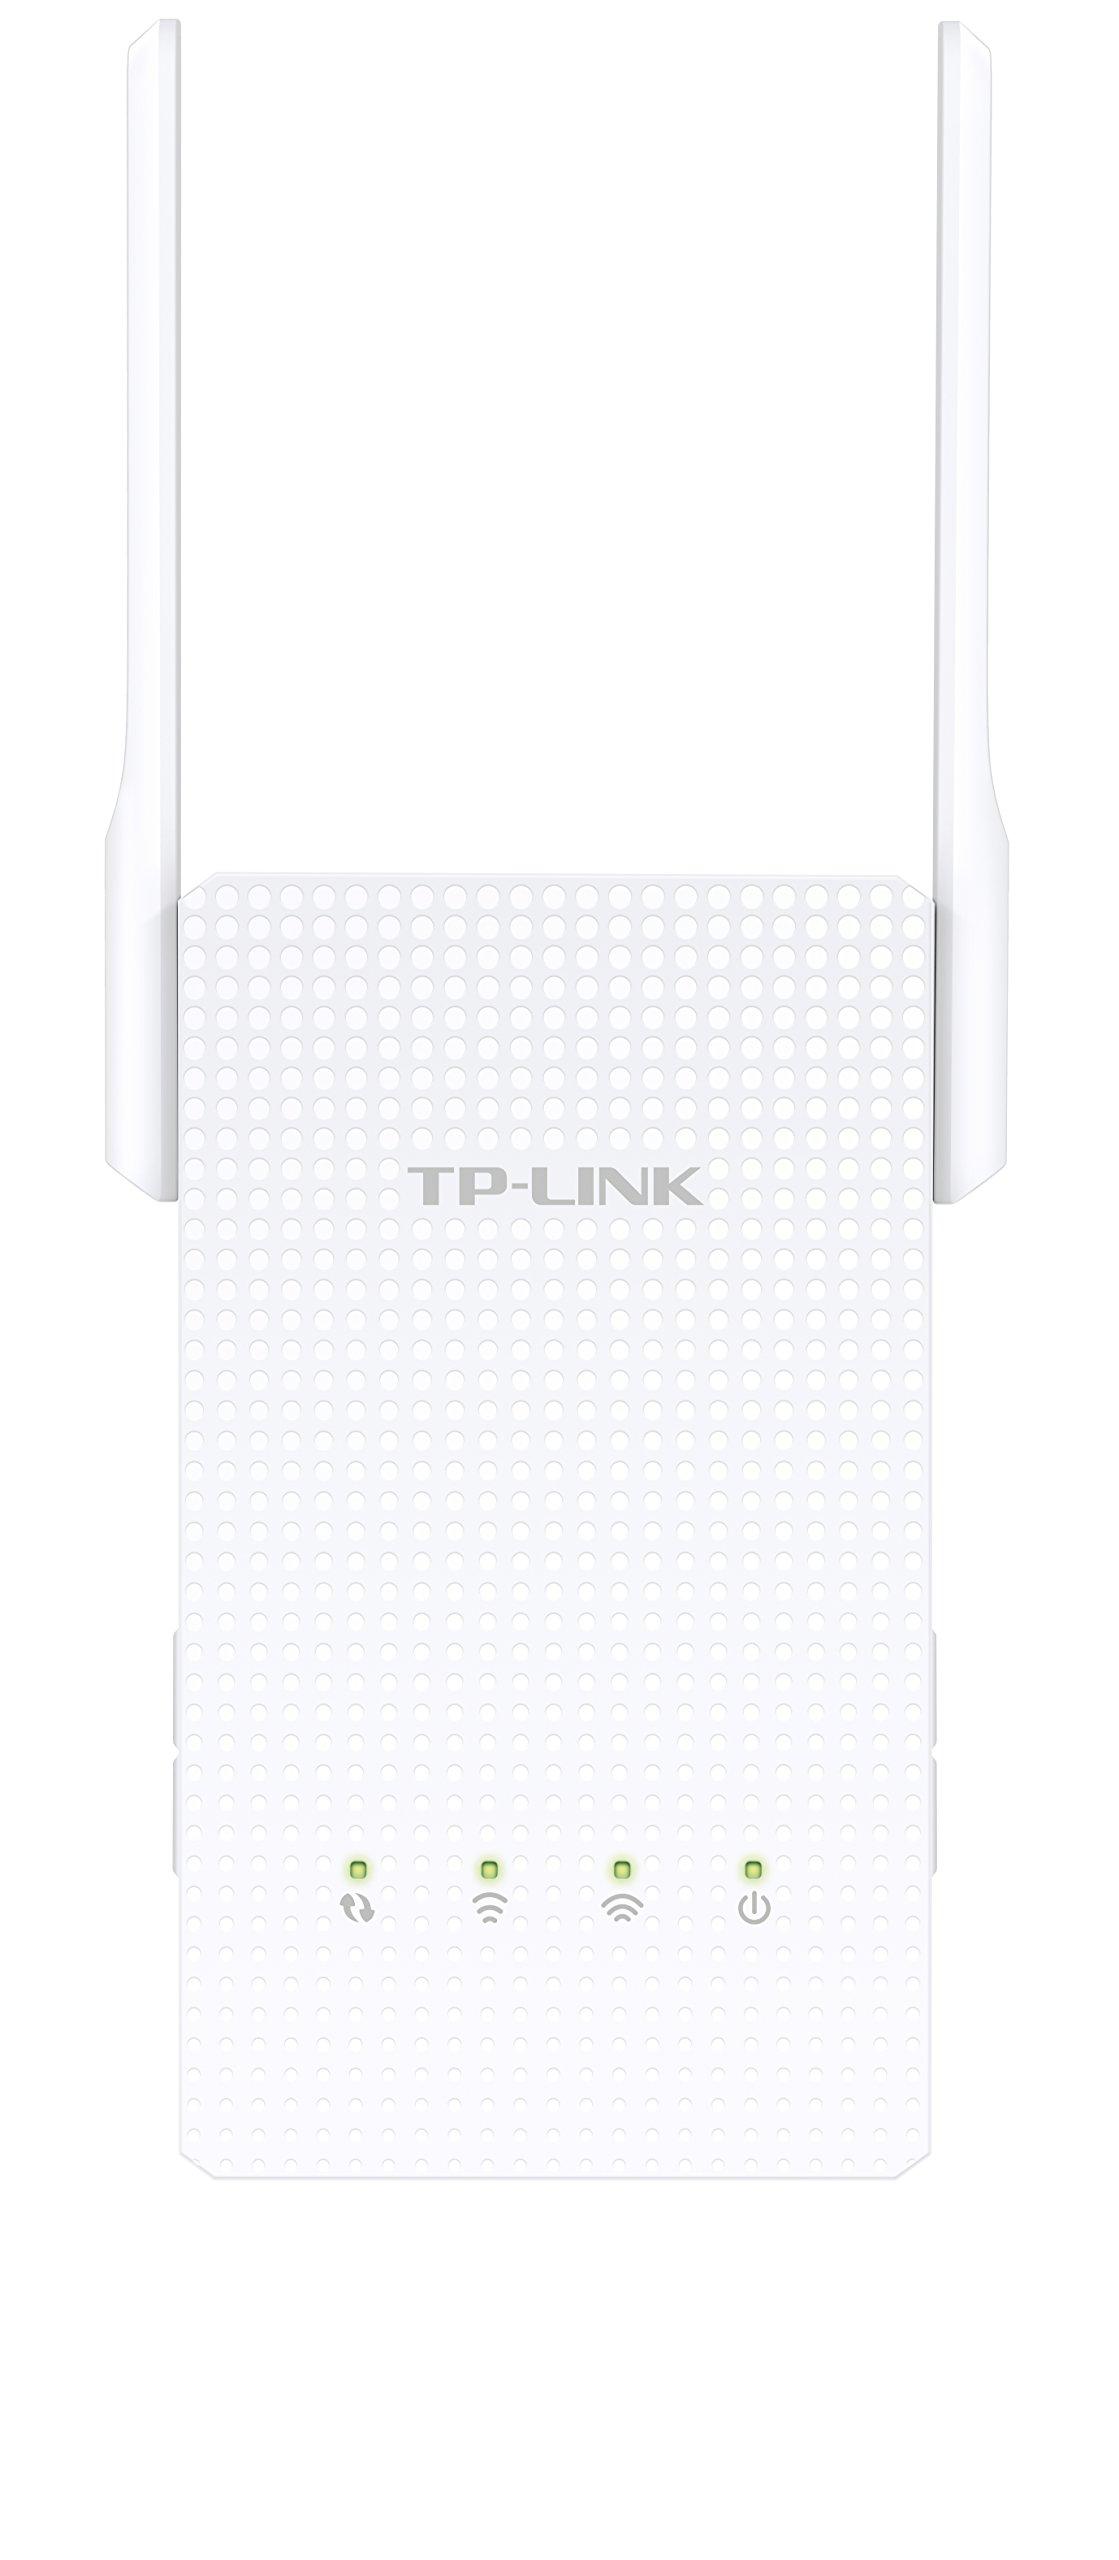 TP-Link AC750 Dual Band Wi-Fi Range Extender w/Gigabit Ethernet Port (RE210) by TP-Link (Image #4)